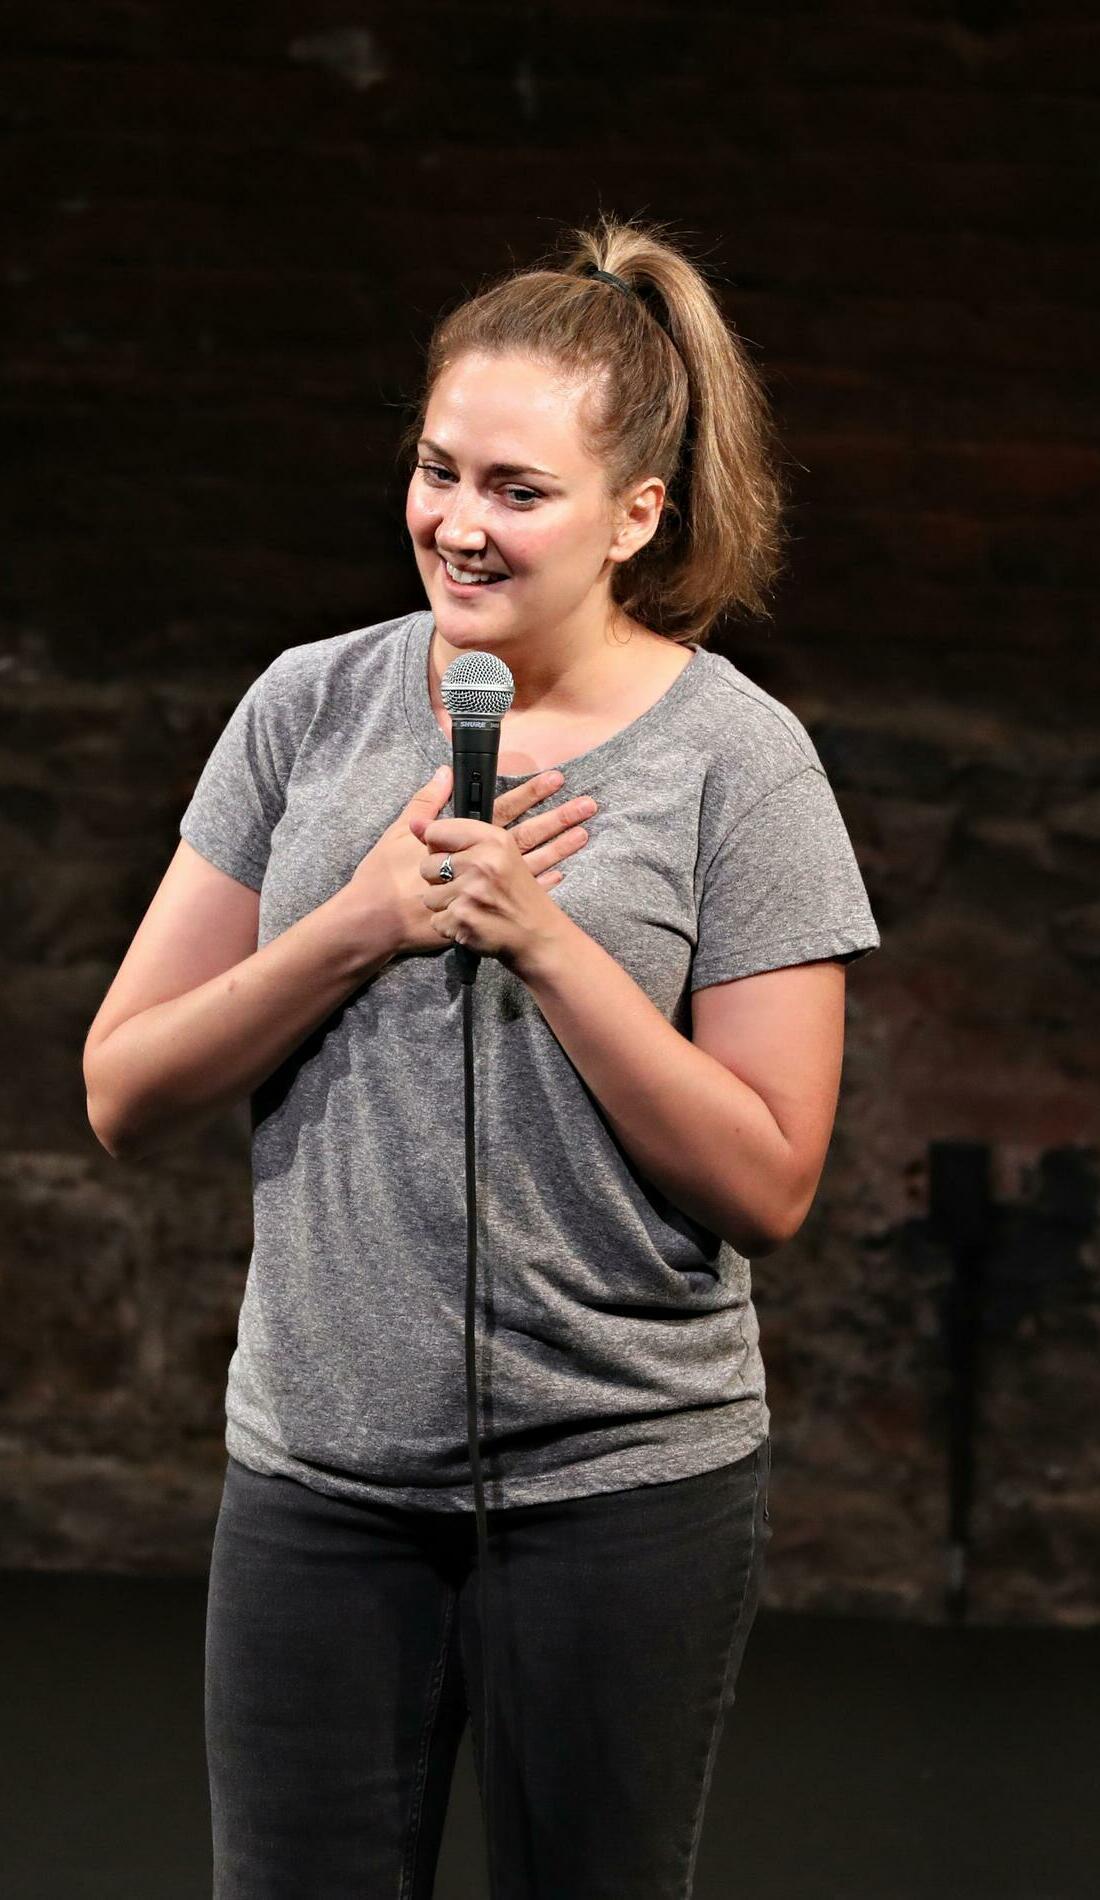 A Jacqueline Novak live event